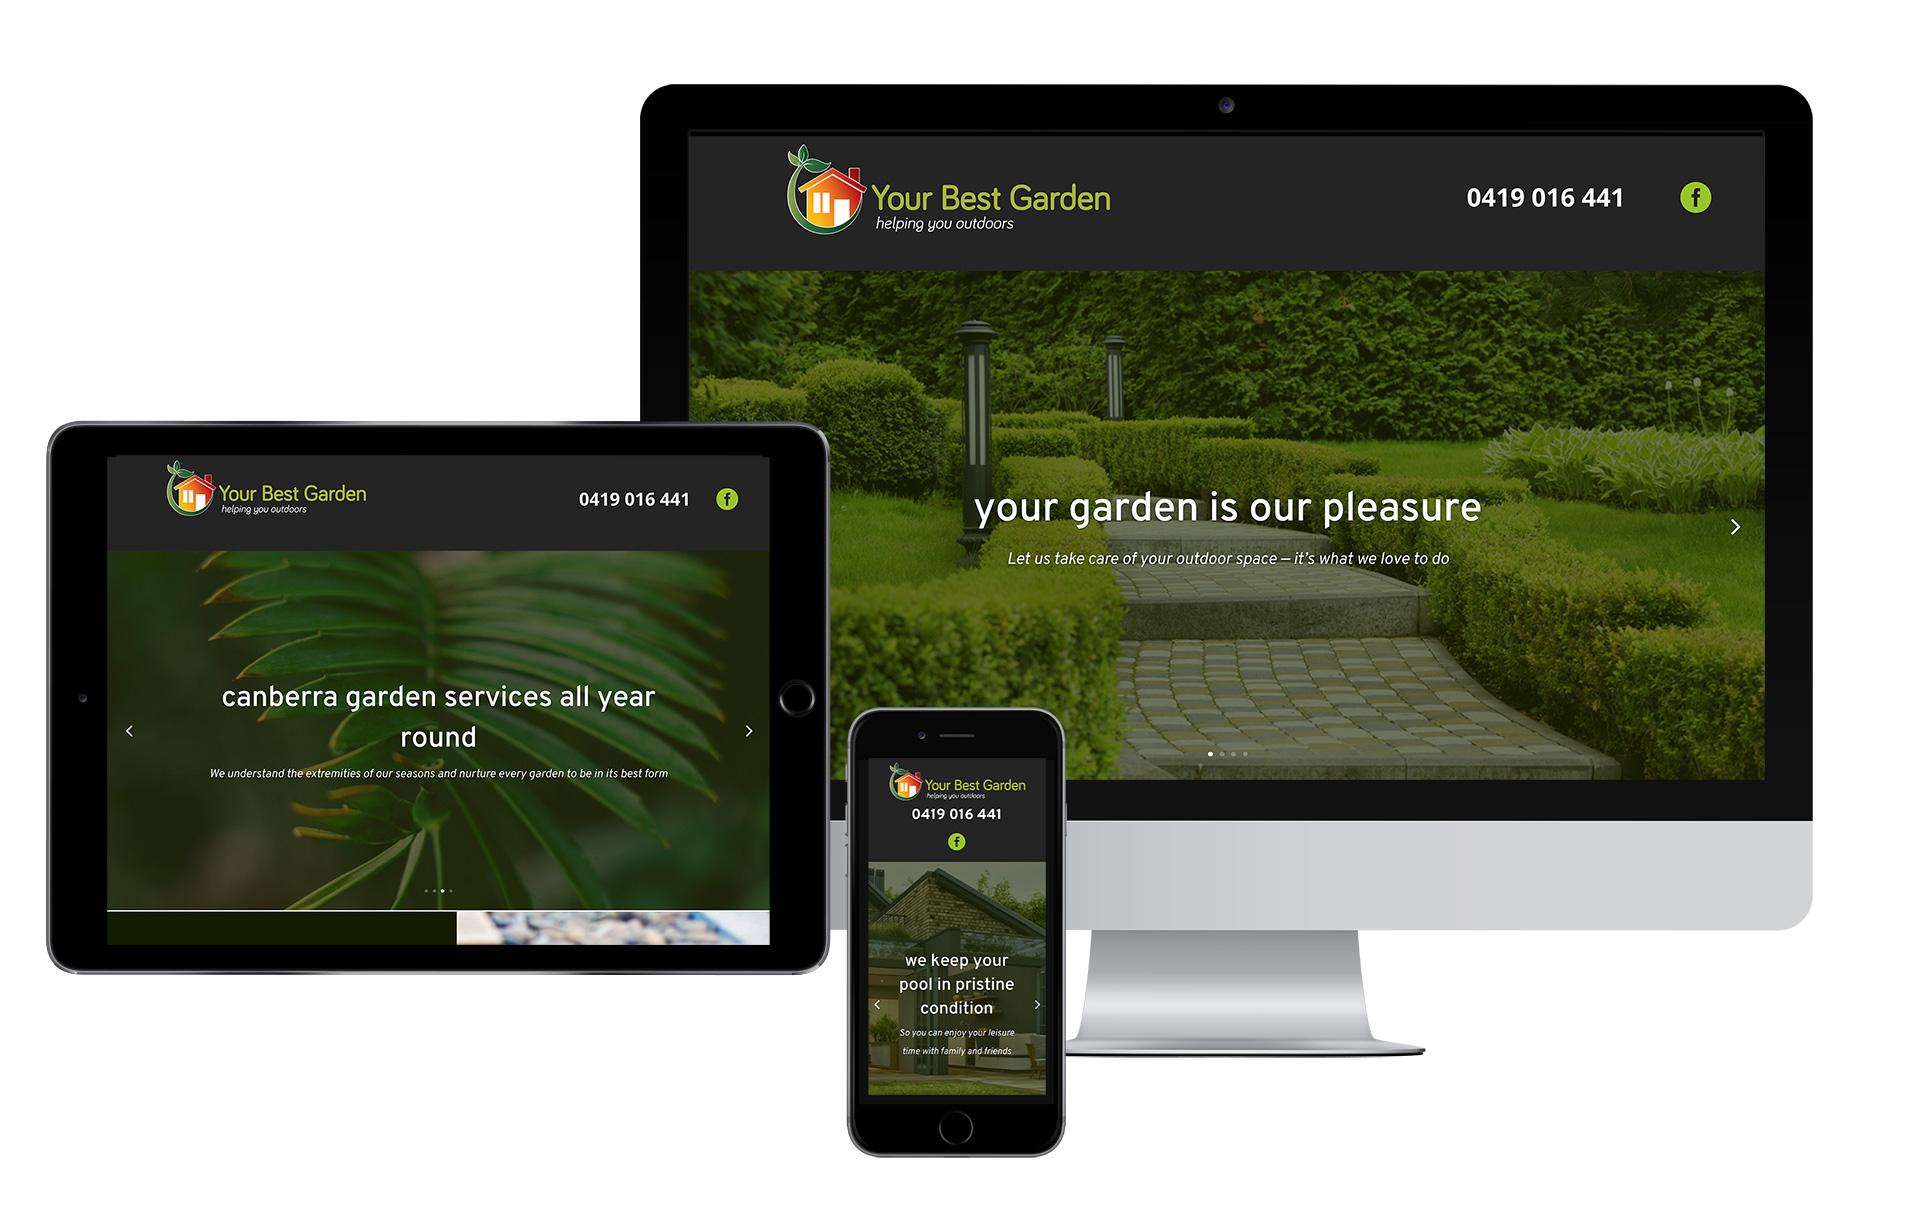 Website Design Your Best Garden 2020